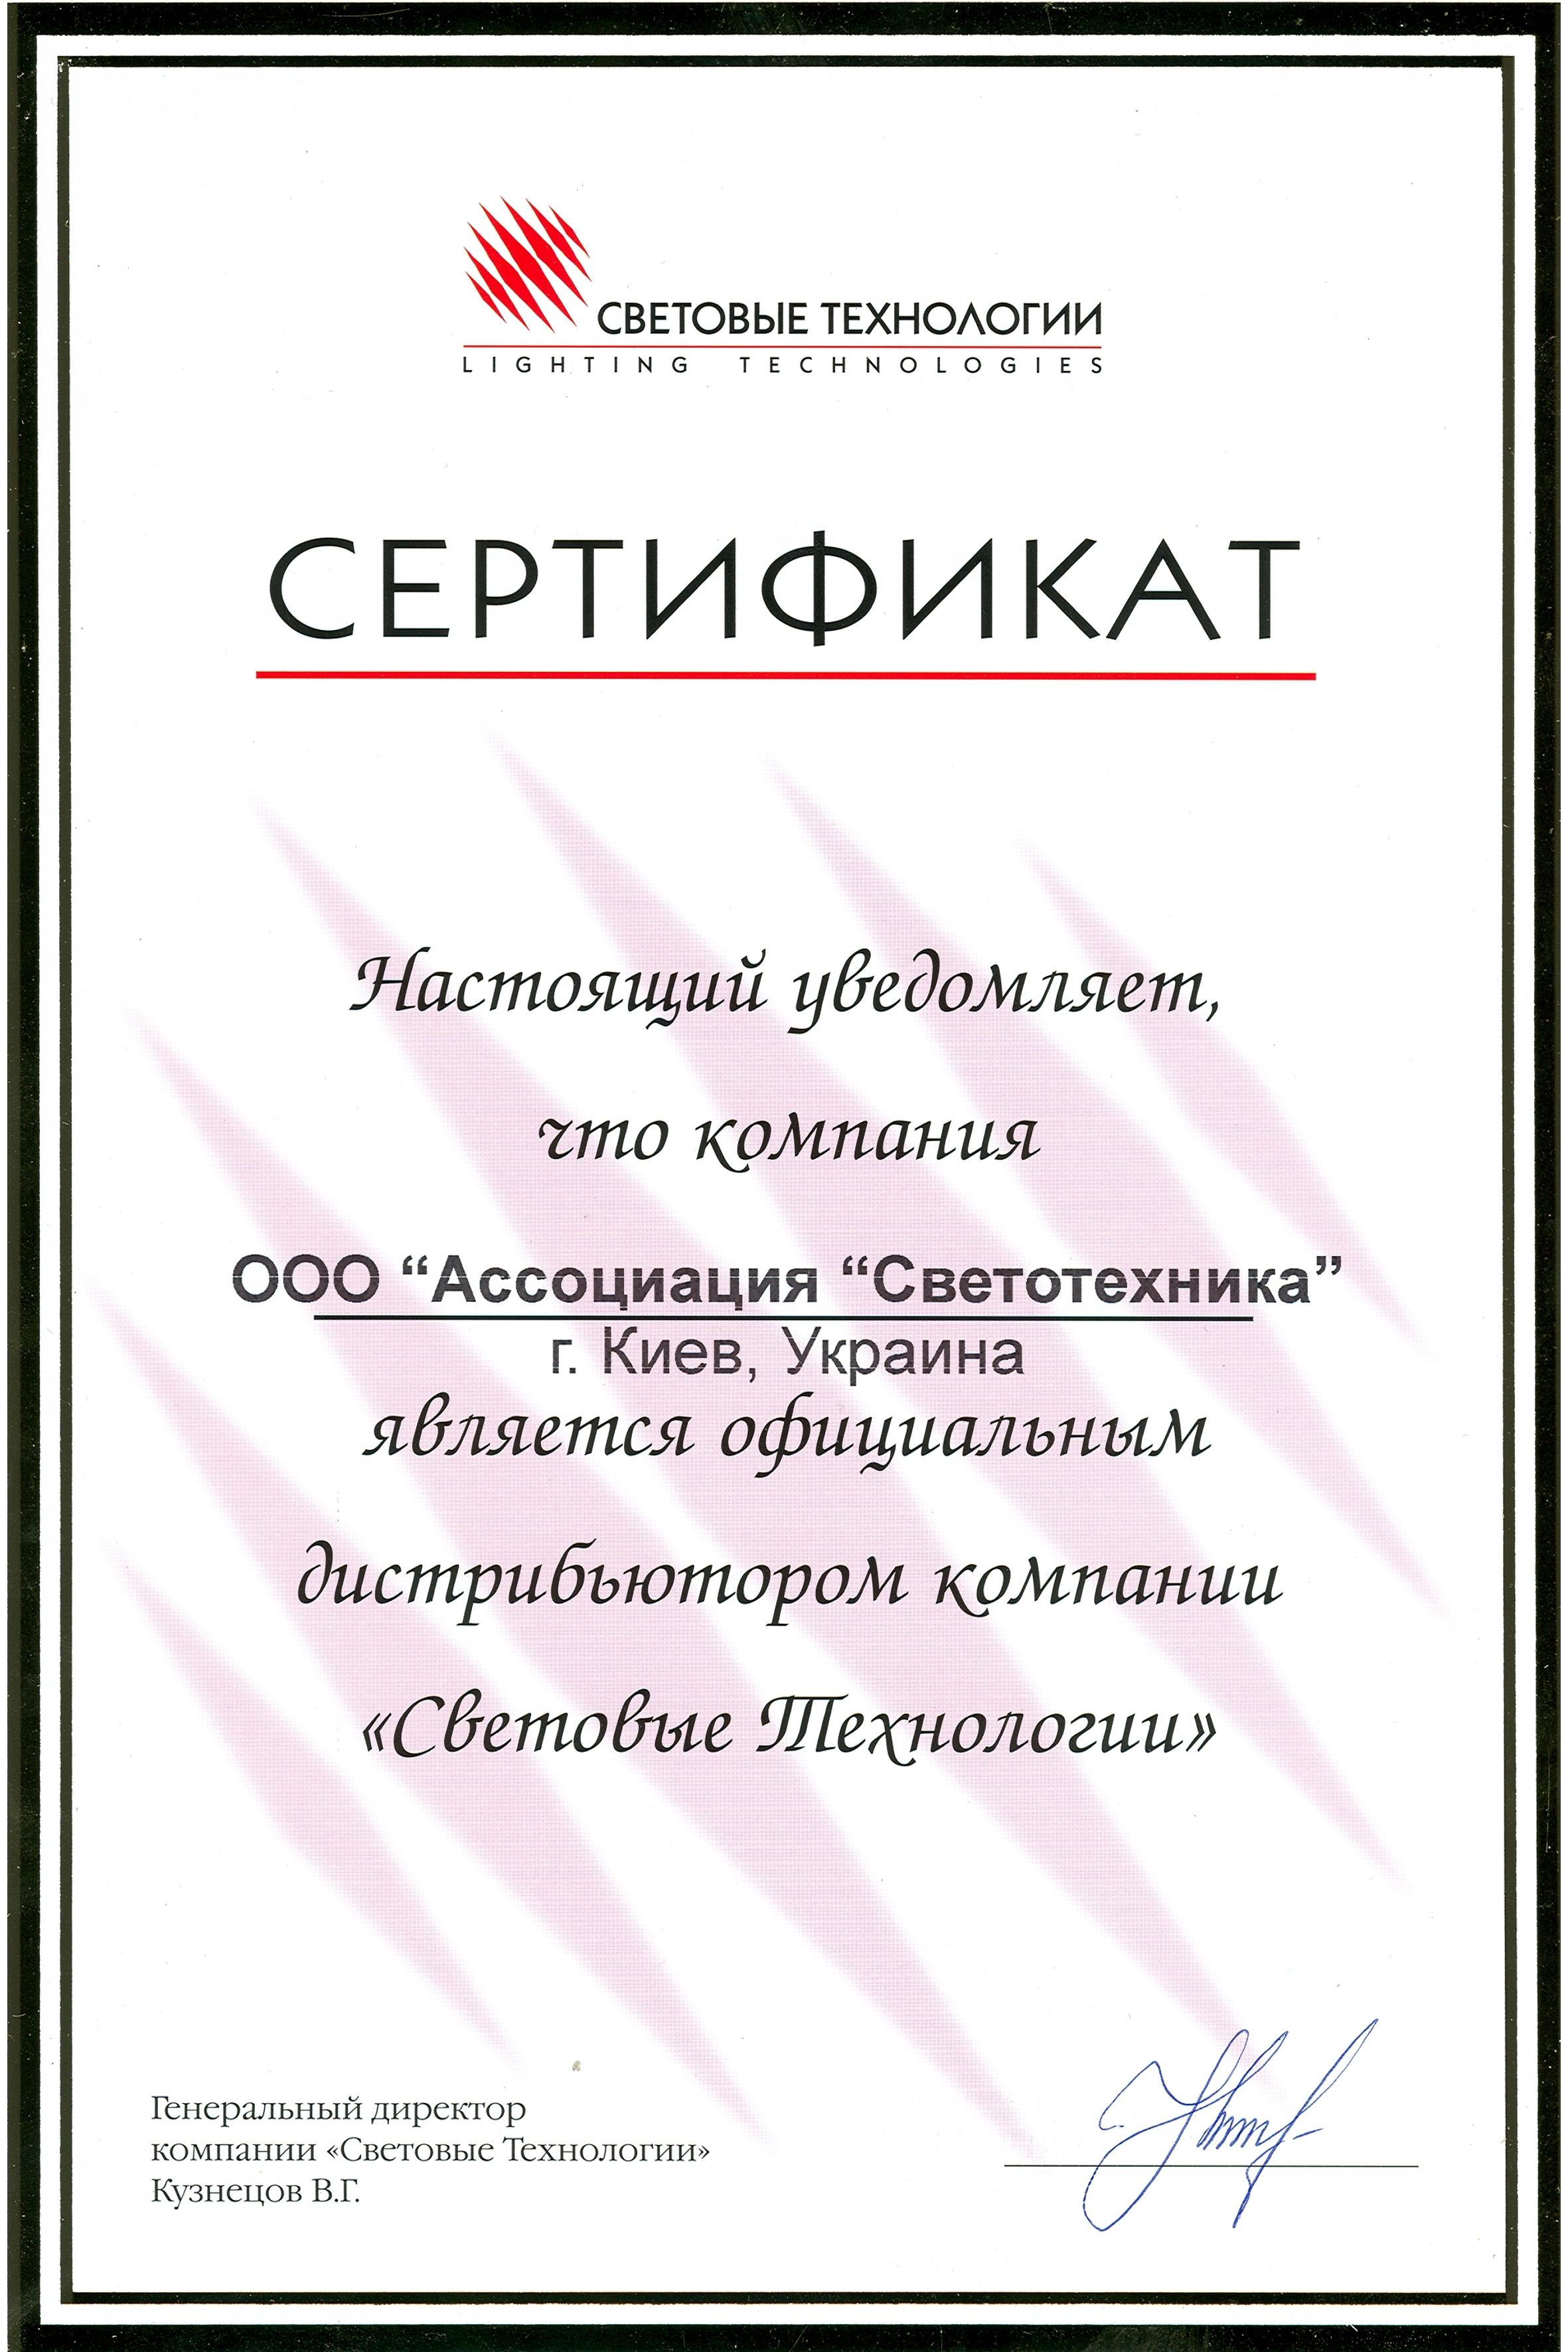 Світлові Технології (LIGHTING TECHNOLOGIES) підтверджує цим Сертифікатом, що Світлотехніка, Київ, Україна є офіційним дистриб'ютором компанії Світлові Технології в Україні в Україні